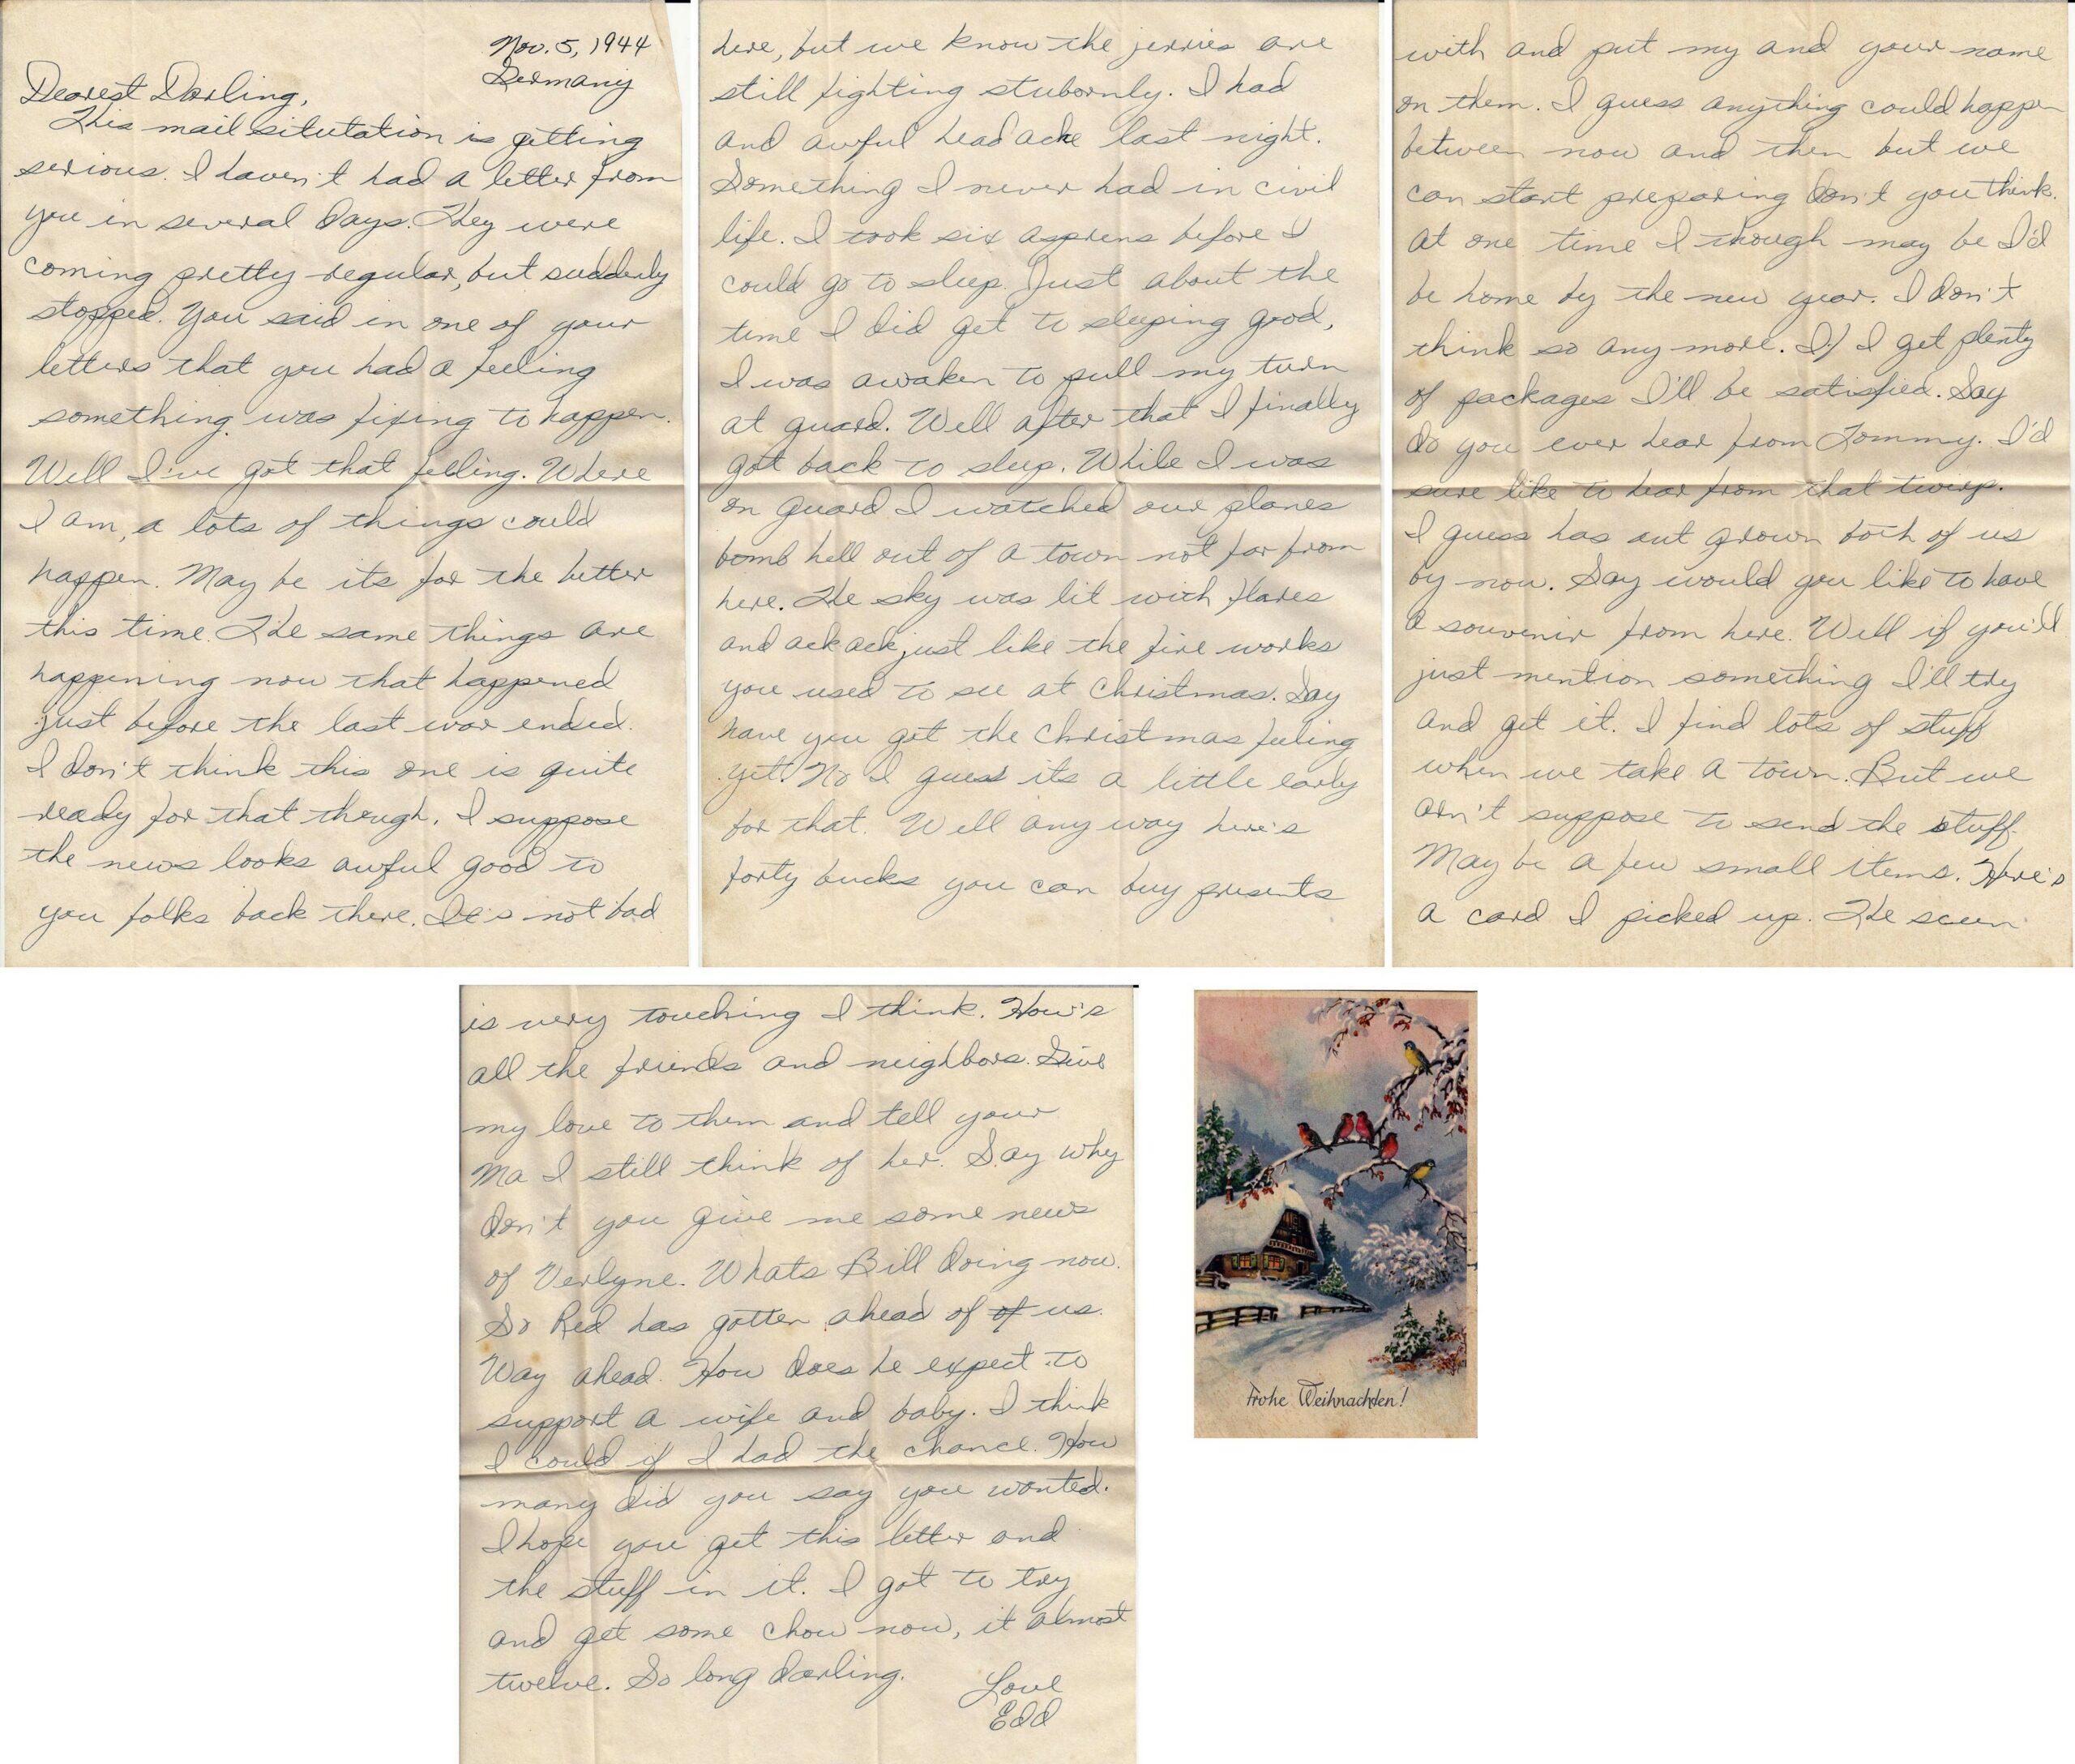 Letter 11.5.1944 (Courtesy Mark Hiett)